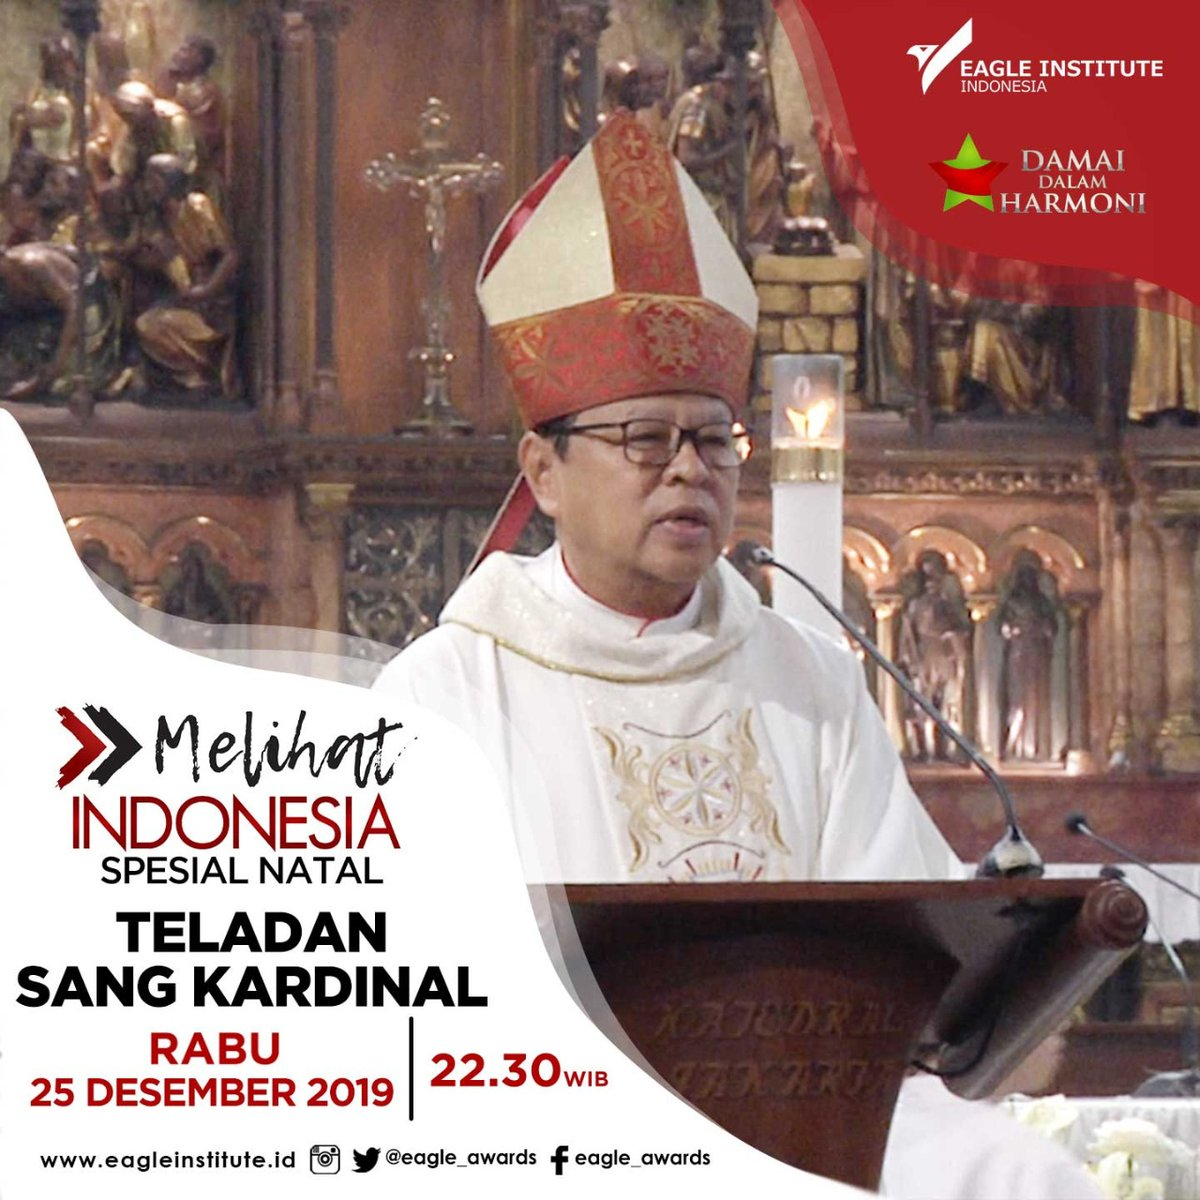 Menjadi kardinal adalah kehormatan dalam mengemban amanah besar. Bagaimana kita melihat sosok Kardinal dengan kesahajaannya dan sebagai teladan bagi seluruh umat Katolik?#MELIHATINDONESIAMETROTV spesial Natal #TeladanSangKardinal hari Rabu (25/12) pukul 22.30 WIB di Metro TV.